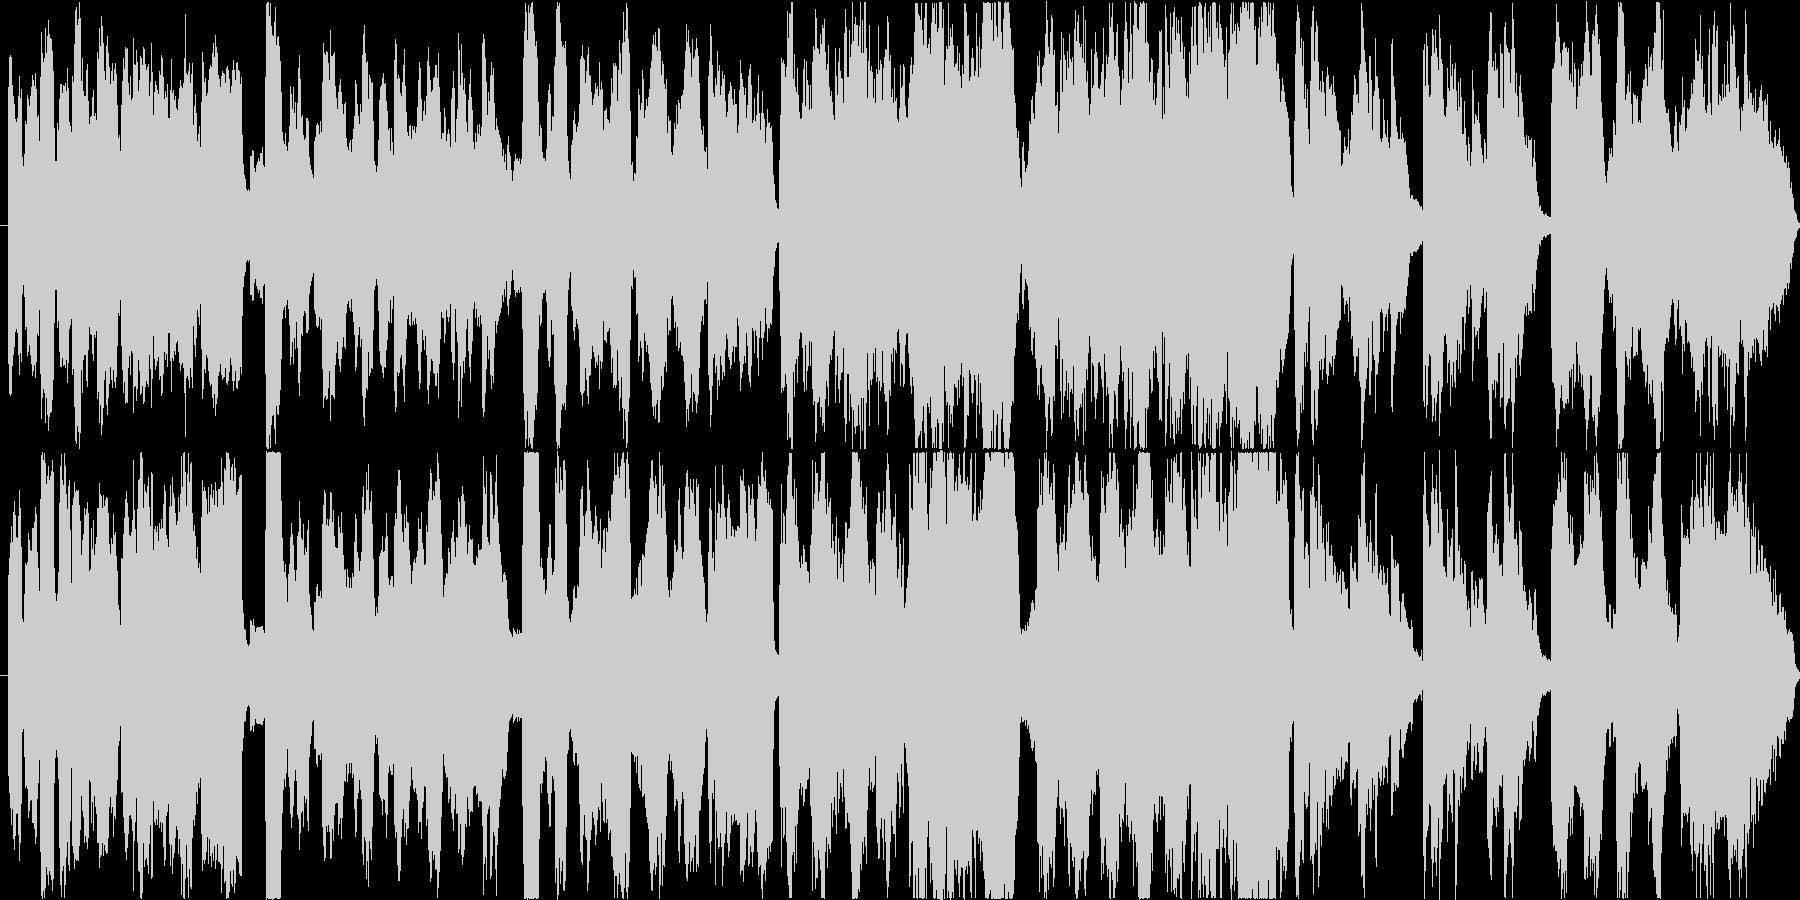 小規模なオーケストラ編成の穏やかな曲ですの未再生の波形